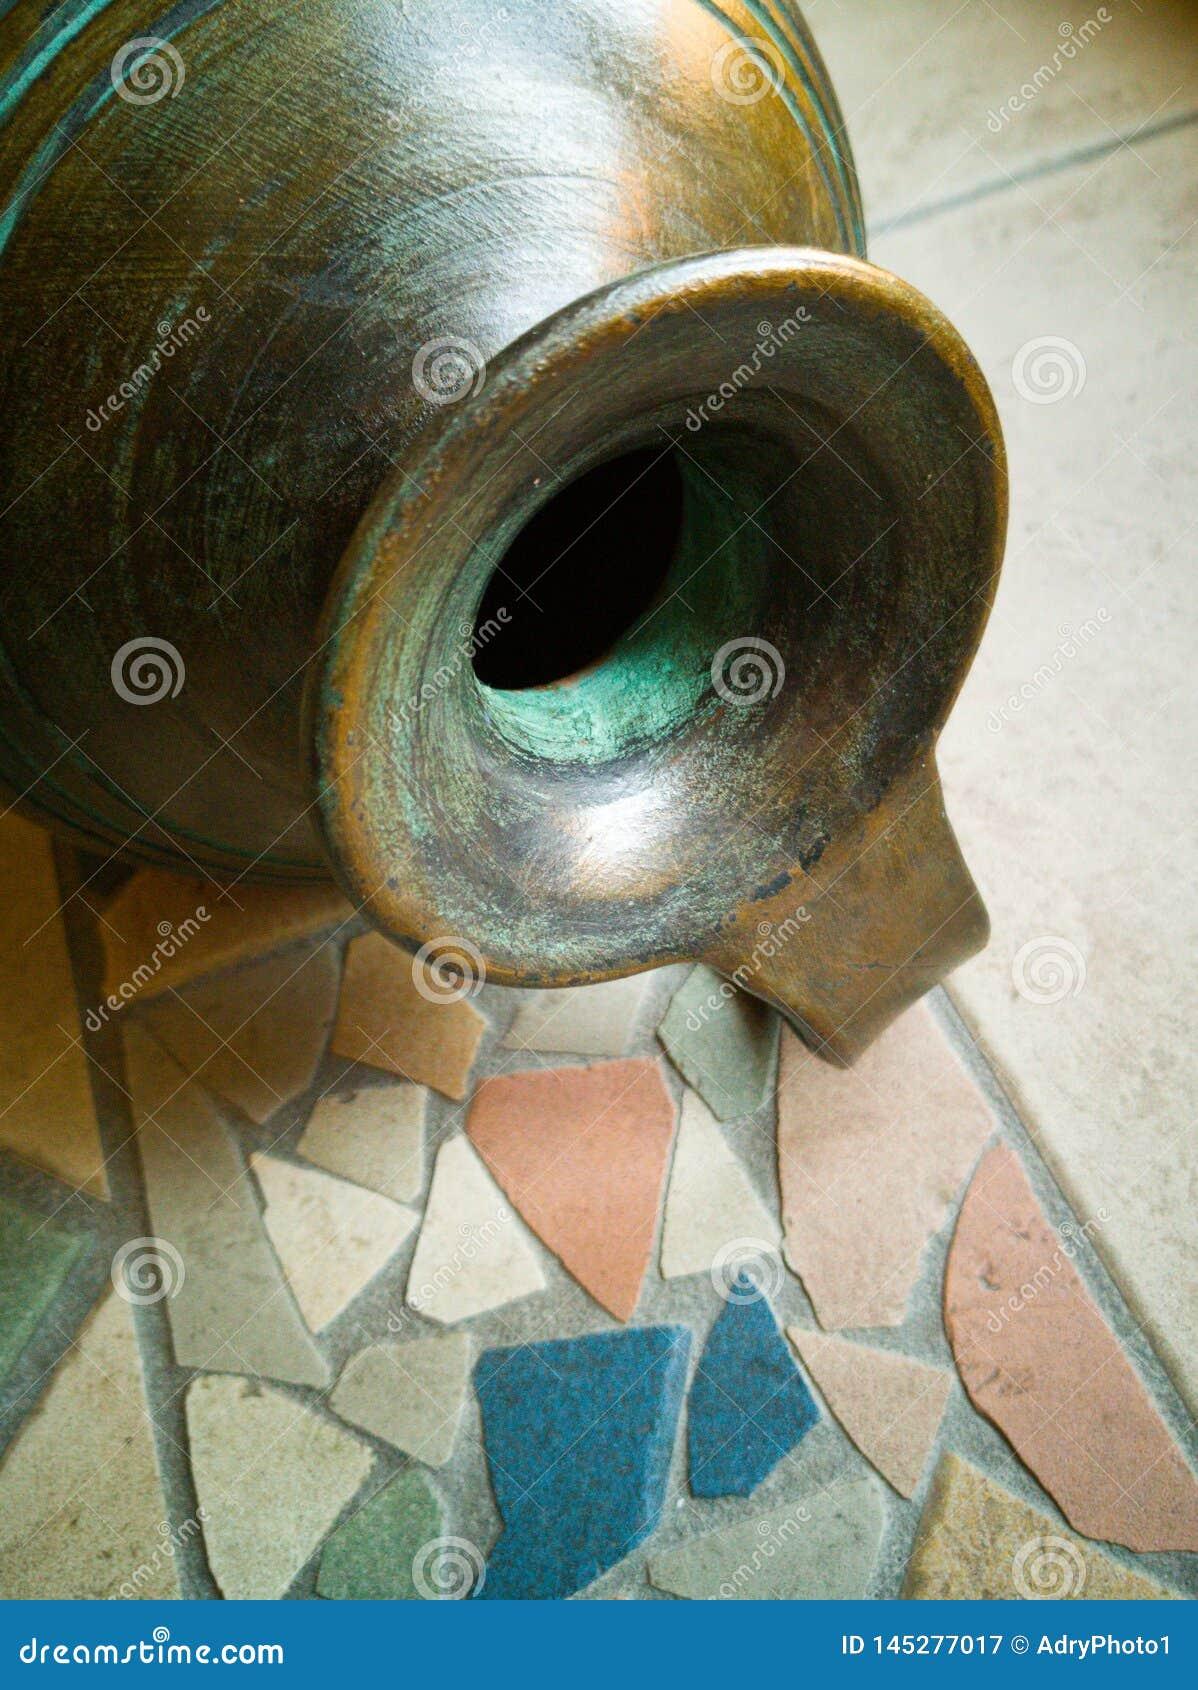 Antique bronze jug, Italian manufacture